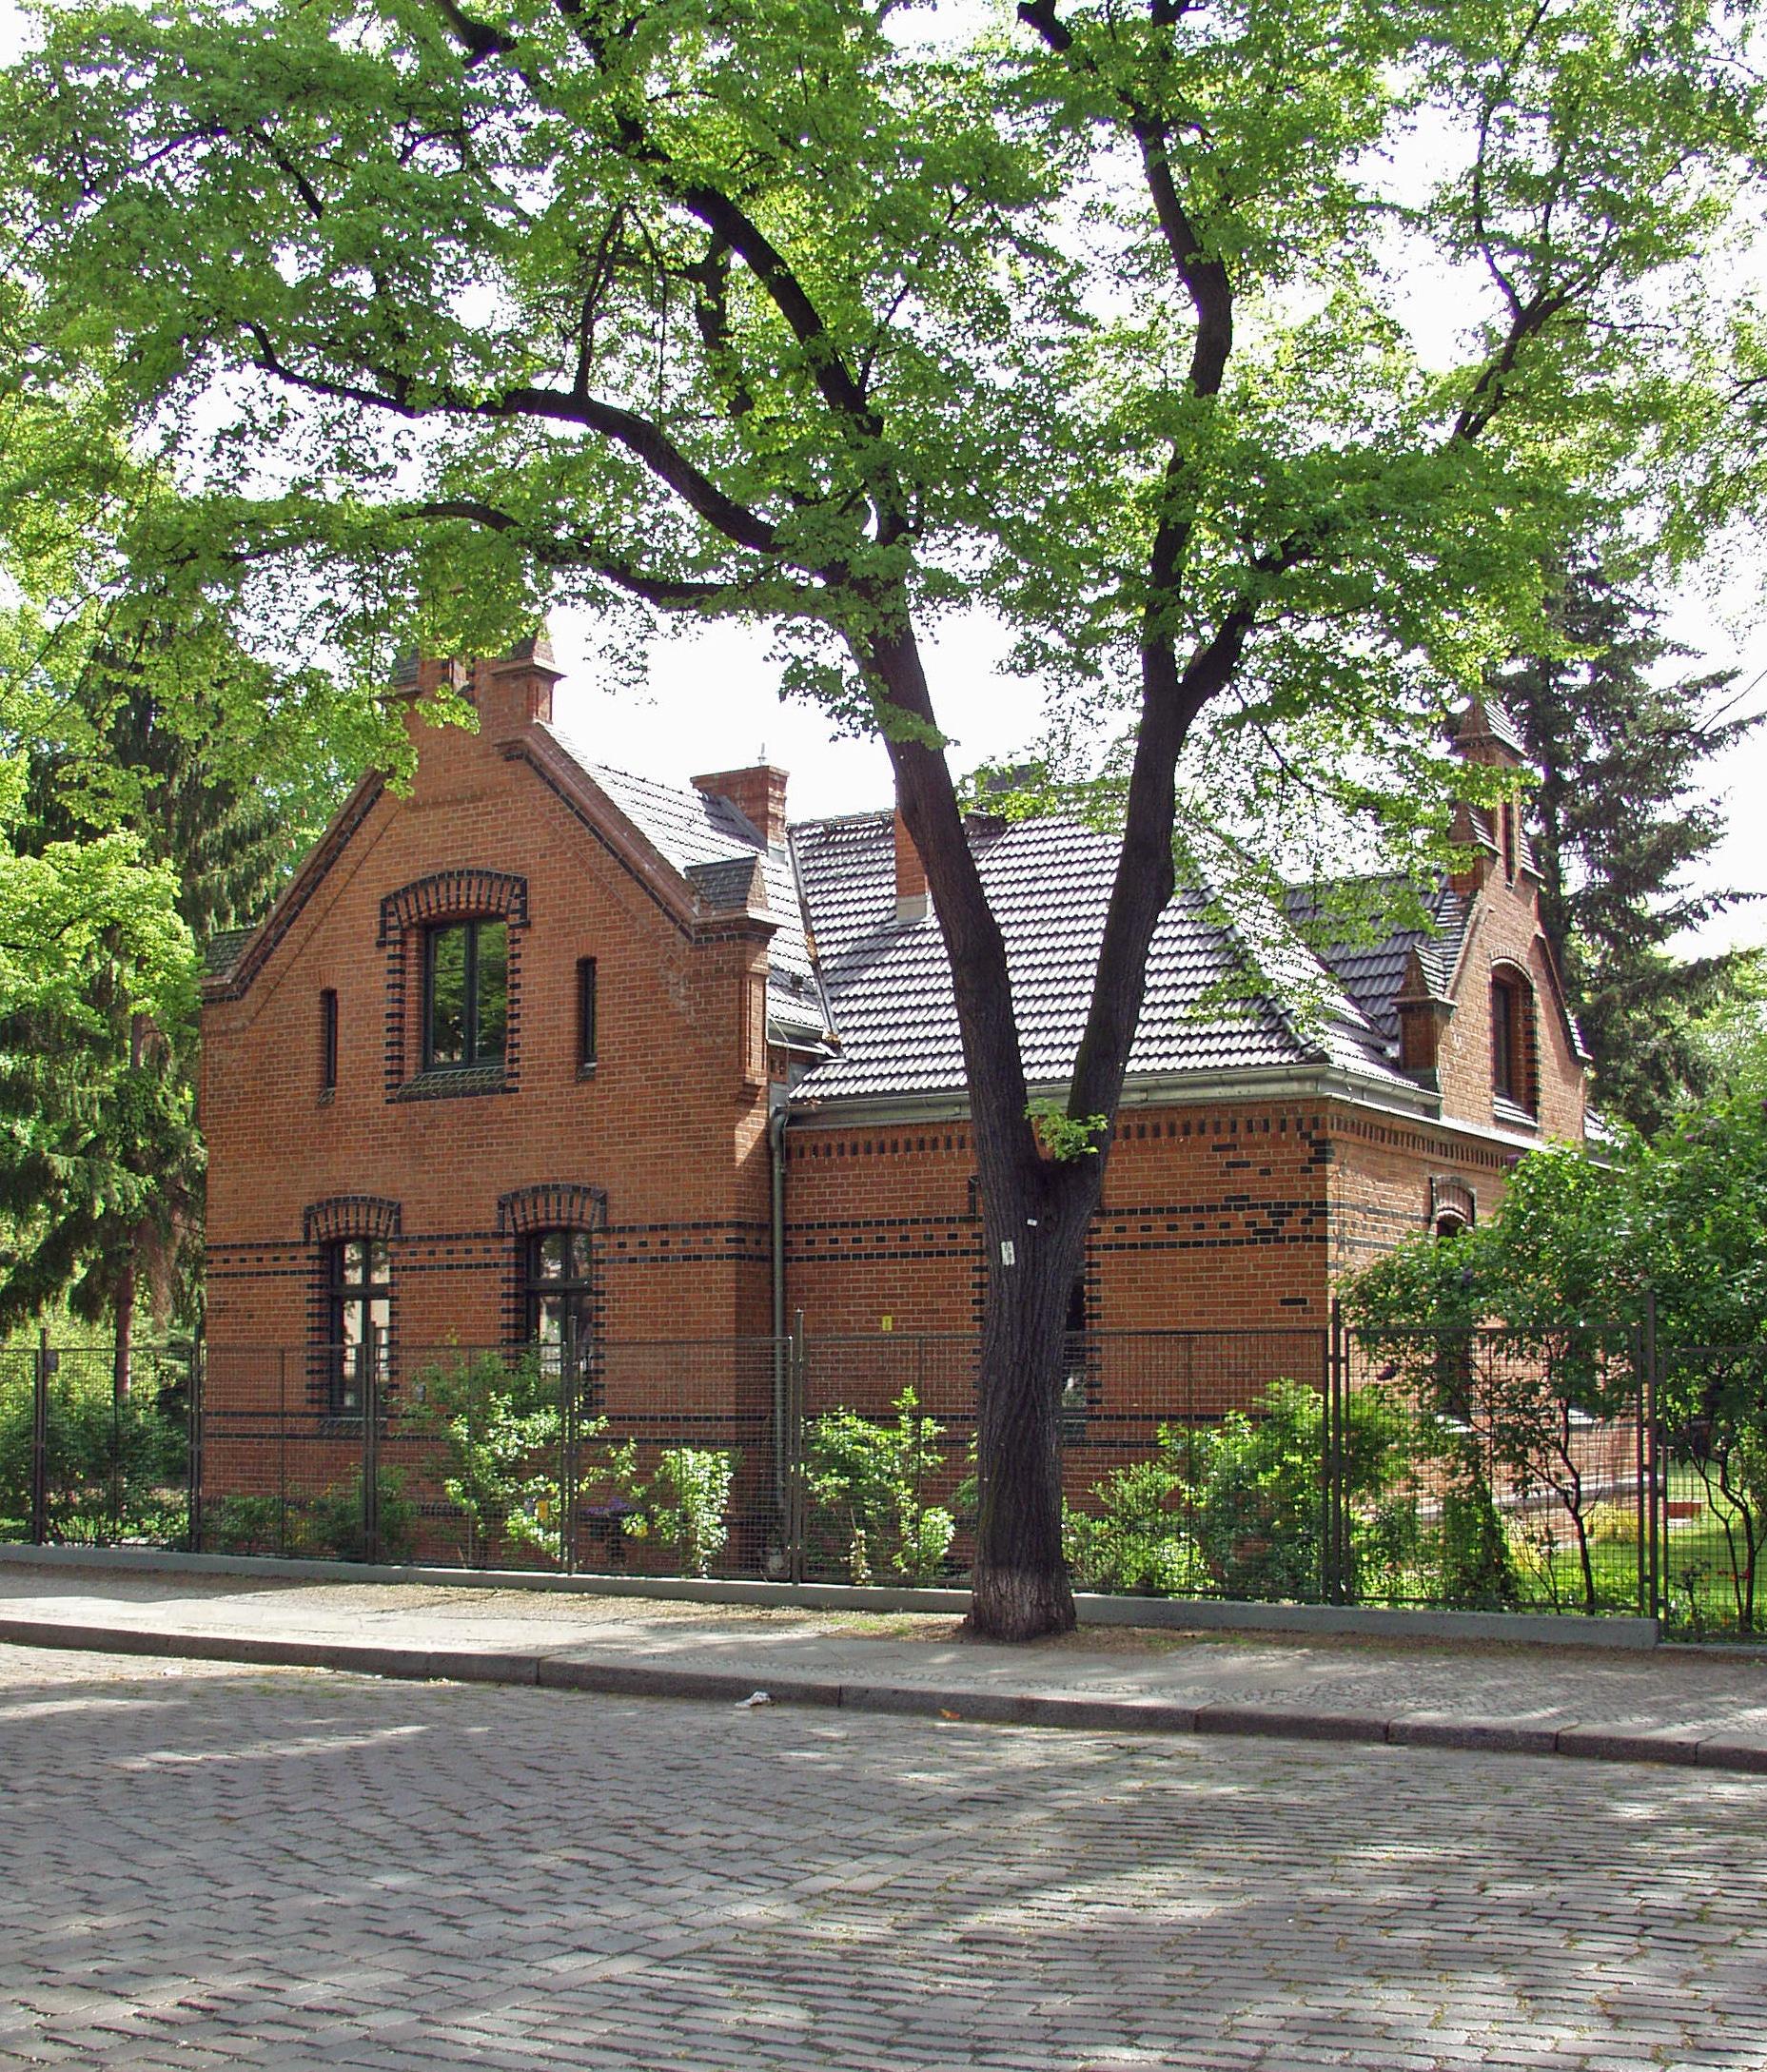 Stiftungshaus Straßenfront